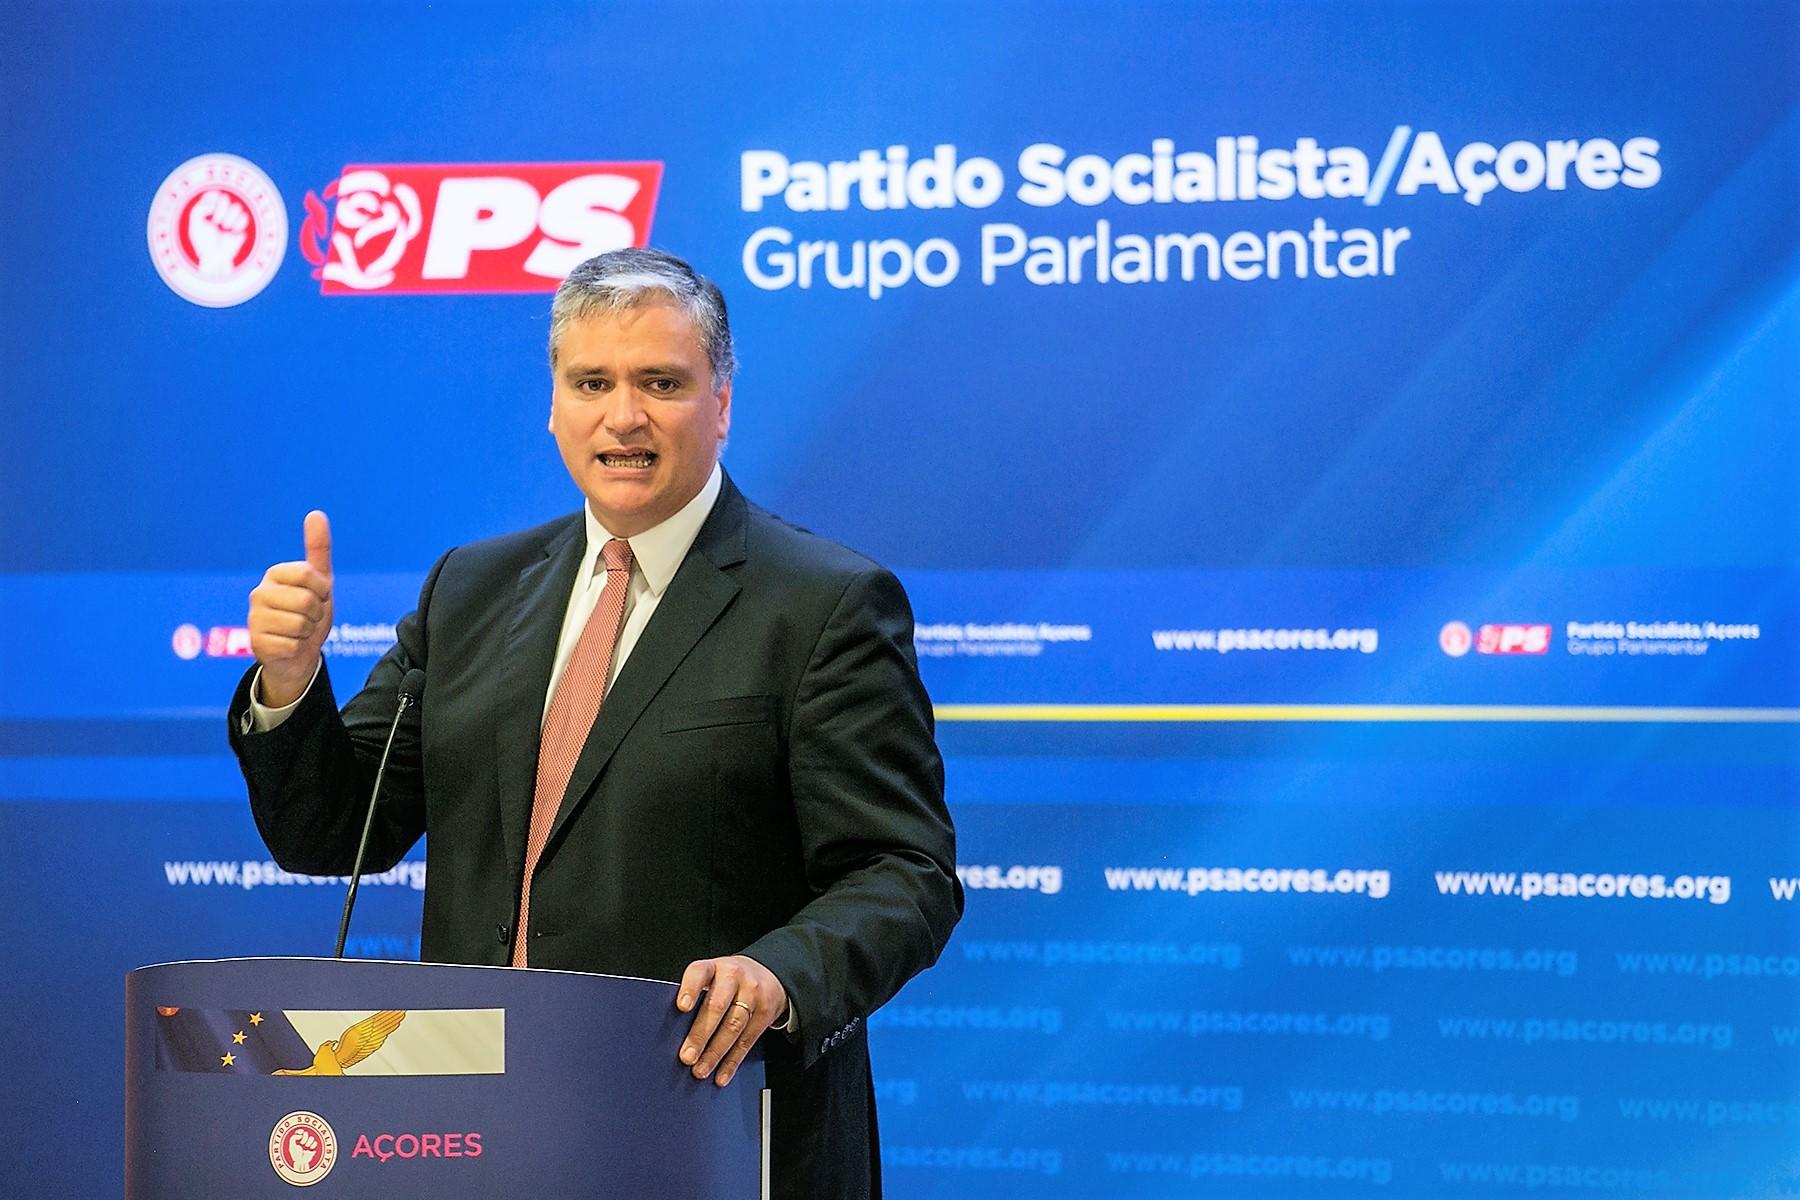 Região está preparada para vencer os desafios do futuro, garante Vasco Cordeiro